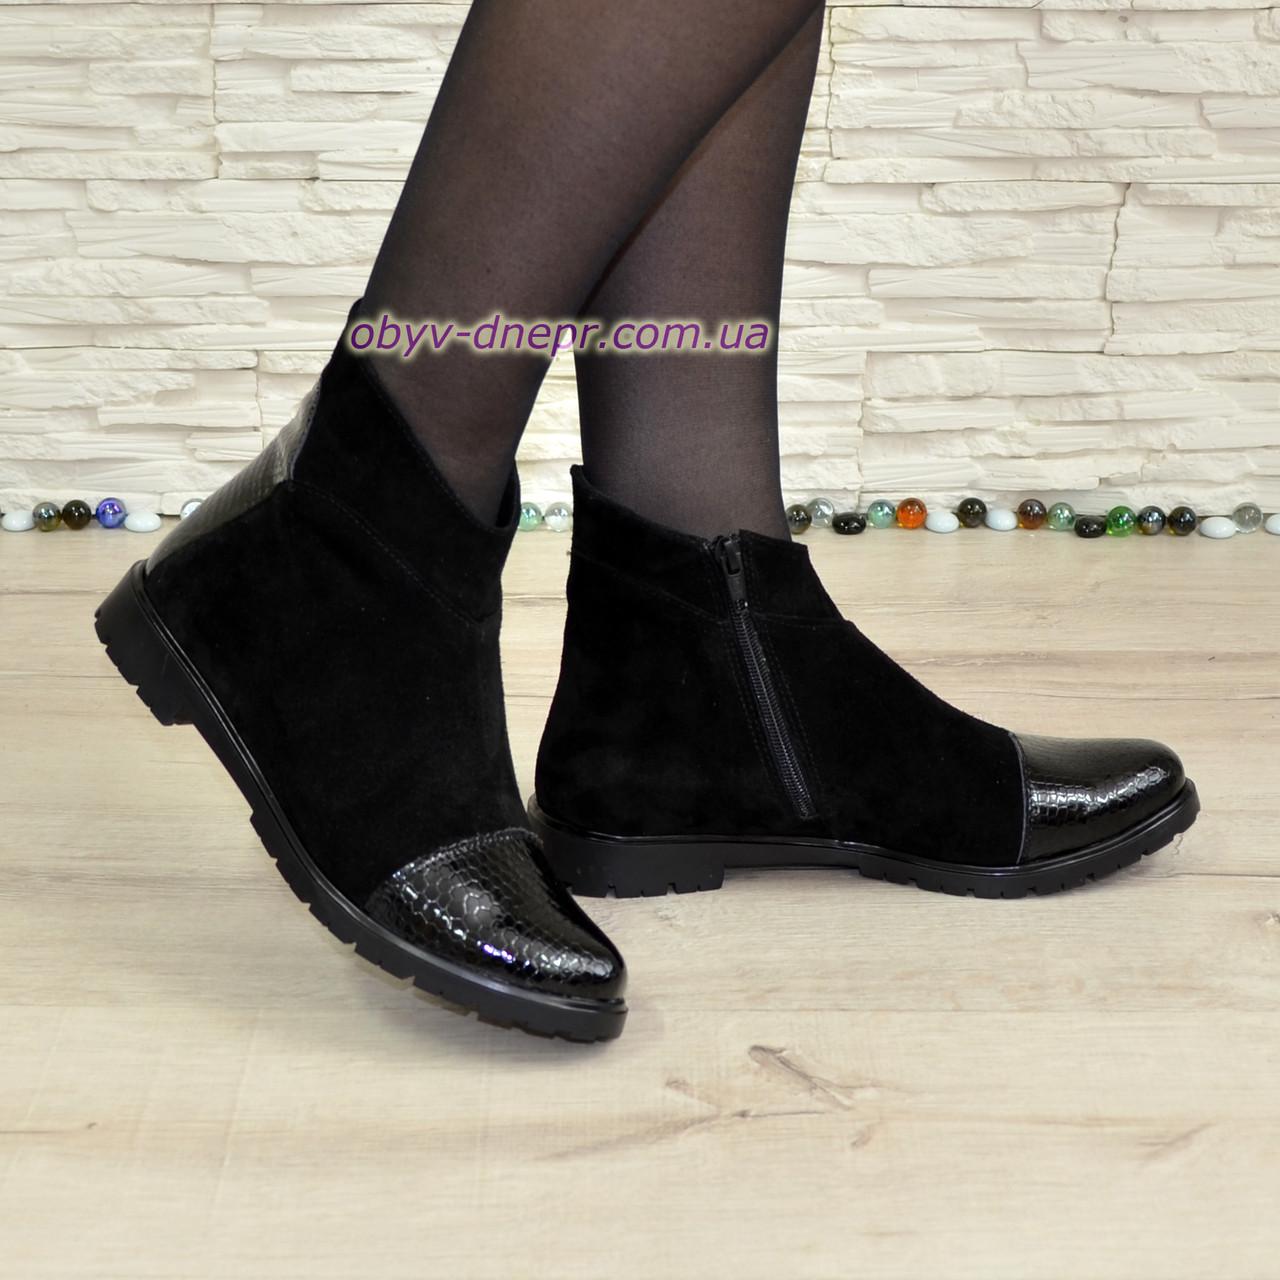 """Женские демисезонные ботинки на низком ходу, натуральная замша и кожа """"питон"""" черного цвета."""